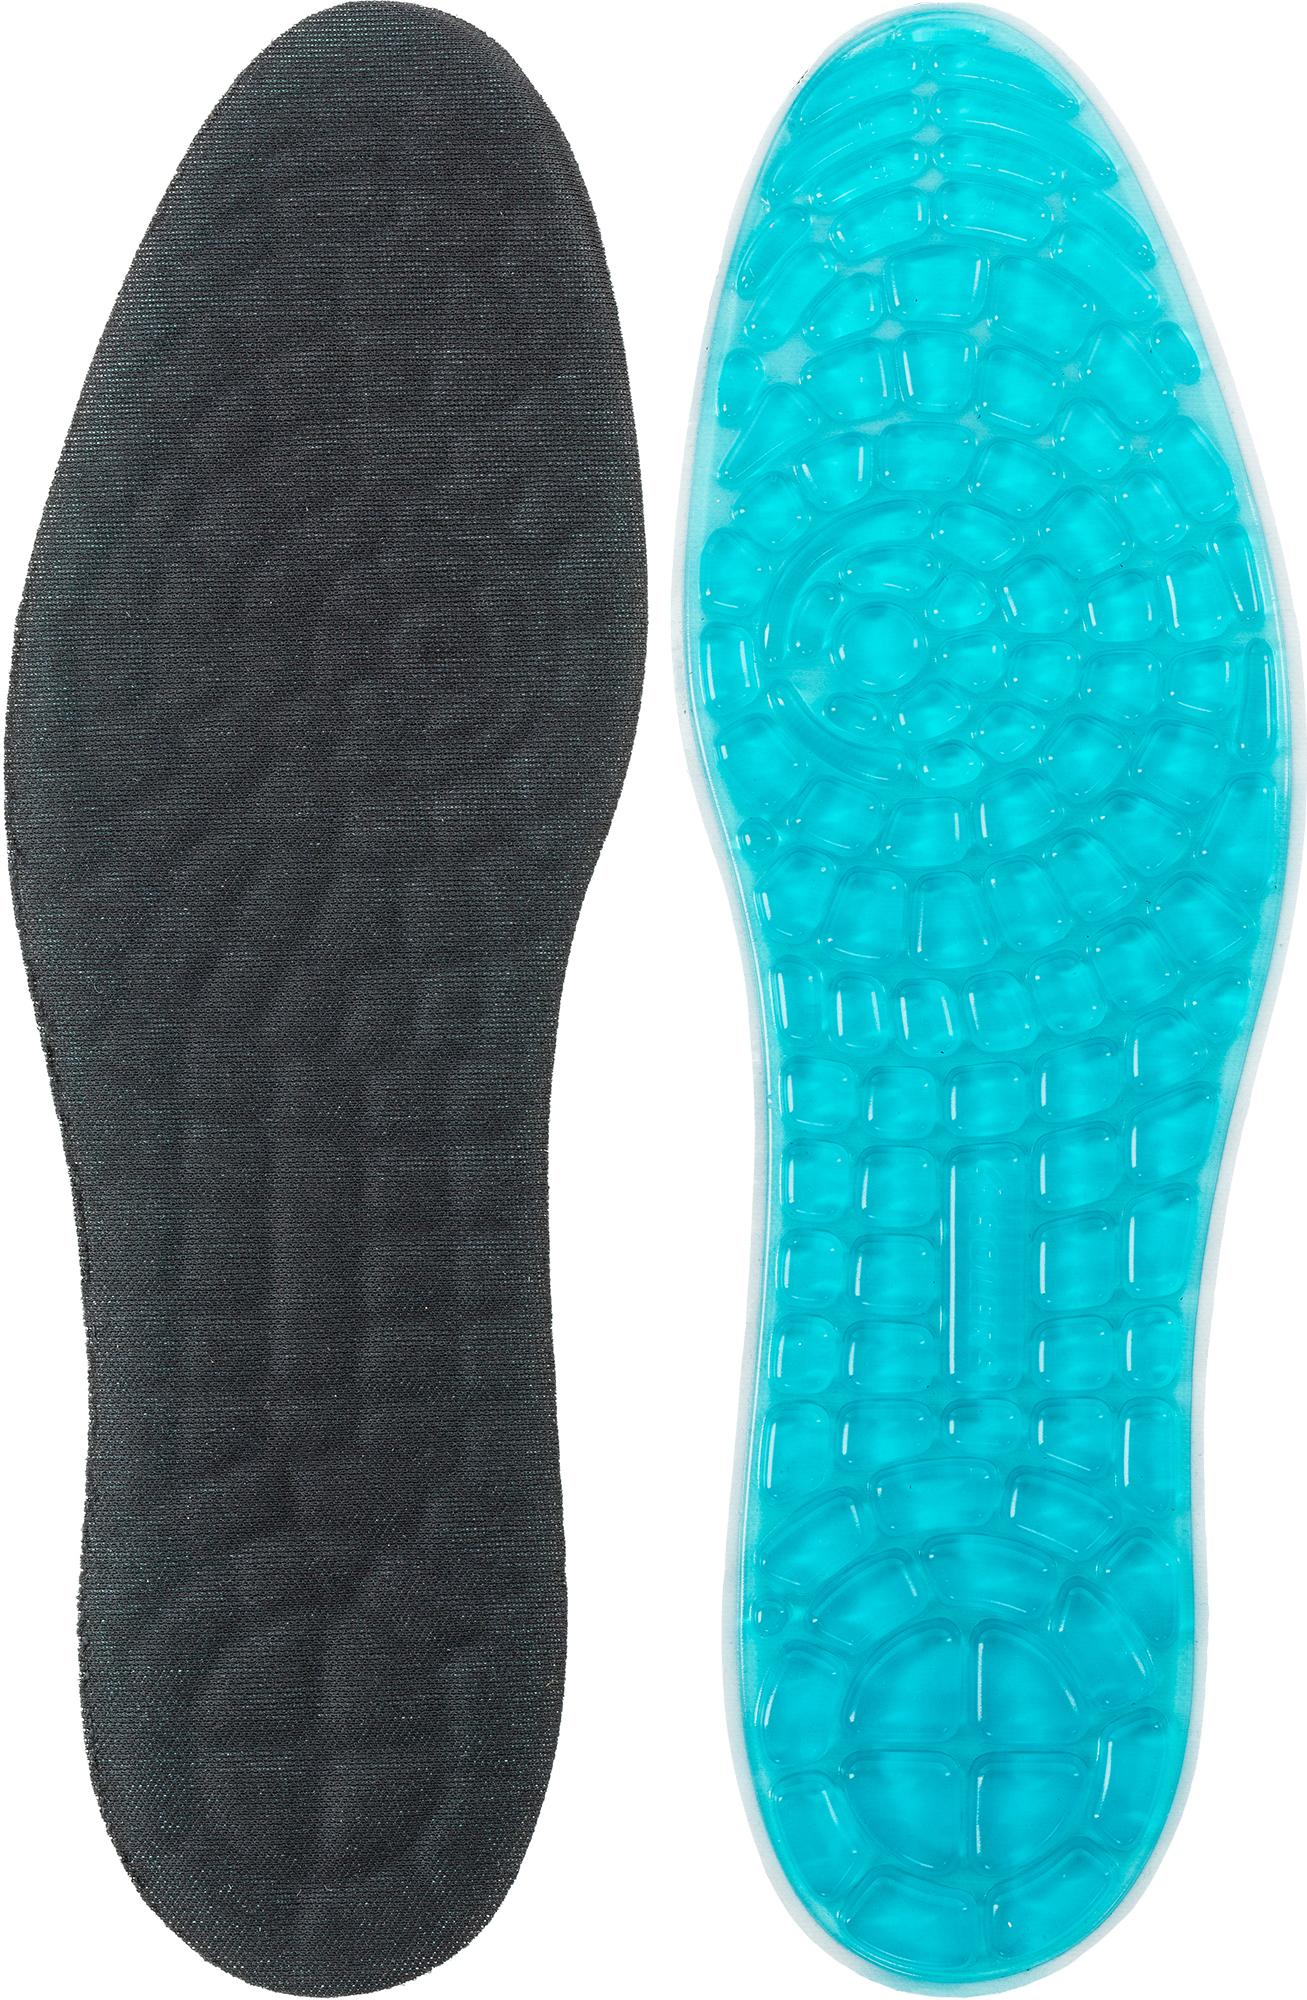 Solers Стельки массажные женские Solers, размер 36-40